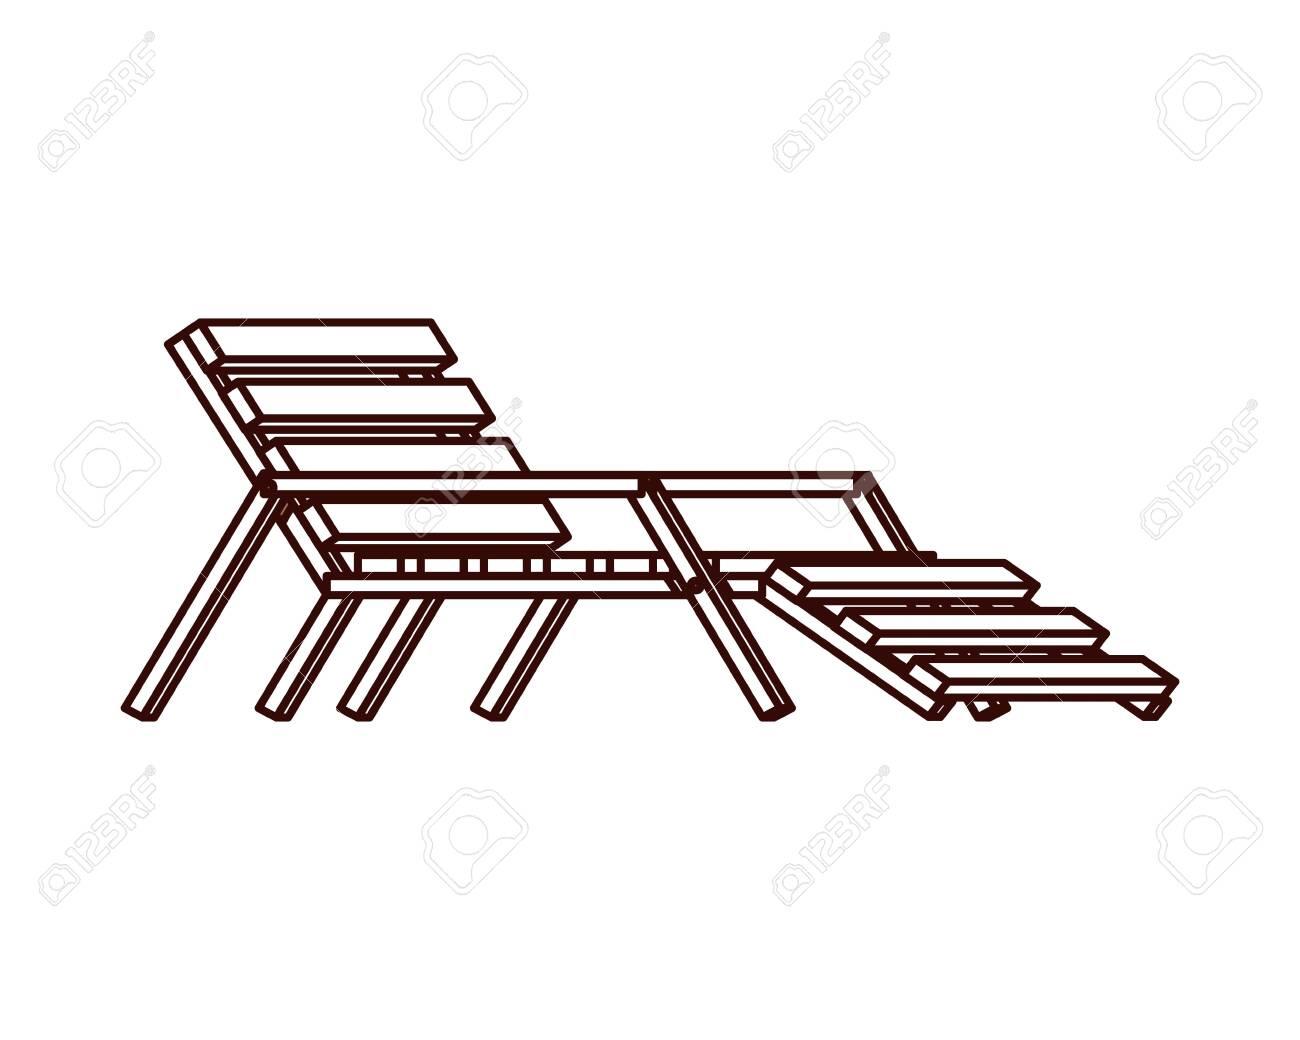 beach chair for sunbathing on white background vector illustration design - 124699803